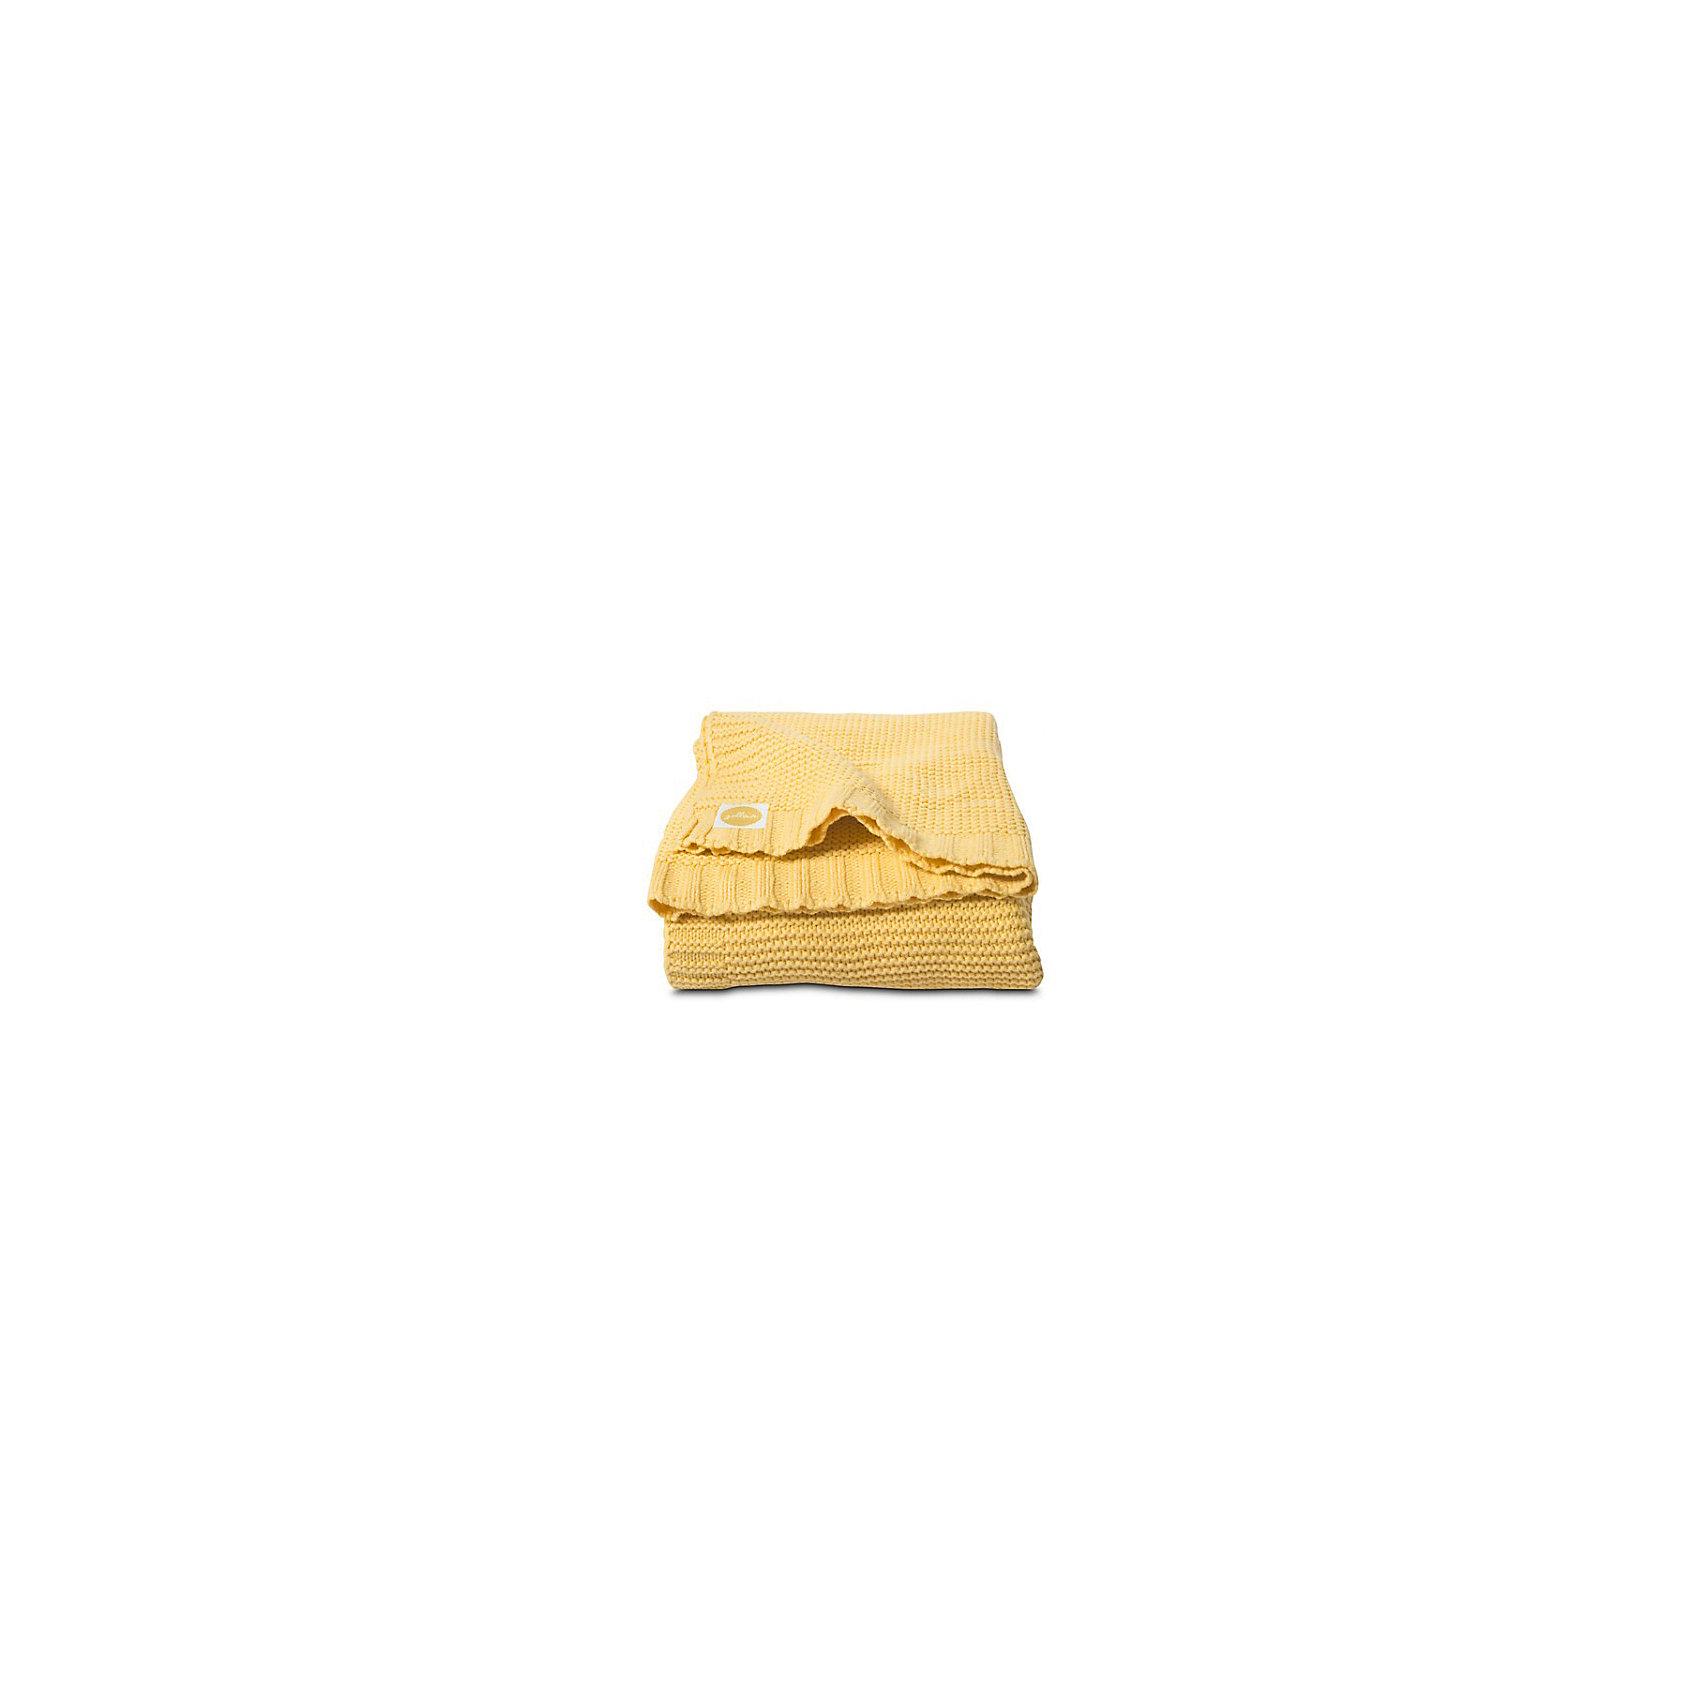 Вязаный плед Chunky Knit 100х150 см, Jollein, YellowОдеяла, пледы<br>Характеристики:<br><br>• Предназначение: для сна<br>• Пол: универсальный<br>• Сезон: круглый год<br>• Коллекция: Heavy knit (Крупная вязка)<br>• Степень утепления: без утепления<br>• Температурный режим: от +10? С<br>• Цвет: малиновый<br>• Тематика рисунка: без рисунка<br>• Материал: 50% хлопок, 50% акрил<br>• Размер (Ш*Д): 100*150 см<br>• Вес: 650 г<br>• Особенности ухода: машинная или ручная стирка при температуре не более 60 градусов<br><br>Вязаный плед Chunky Knit 100х150 см, Jollein, Yellow от торговой марки Жолляйн, которая является признанным лидером среди аналогичных брендов, выпускающих детское постельное белье и текстиль для новорожденных и детей. Продукция этого торгового бренда отличается высоким качеством и дизайнерским стилем. <br><br>Плед выполнен из вязаного полотна, выполненного из сочетания хлопка и акрила, что обеспечивает изделию высокие гигиенические, гигроскопические и гипоаллергенные качества. Изделие отличается повышенными тепловыми качествами, за счет использованной при изготовлении технологии двойного пленения. Благодаря акрилу плед хорошо сохраняет цвет и форму. Имеет легкий вес и компатный размер в сложенном виде, при этом не сминается. <br><br>Плед выполнен в брендовом дизайне: полотно насыщенного желтого цвета, связанное крупным платочным узором. Вязаный плед Chunky Knit 100х150 см, Jollein, Yellow – это плед, который подарит тепло, уют и роскошь классического стиля!<br><br>Вязаный плед Chunky Knit 100х150 см, Jollein, Yellow можно купить в нашем интернет-магазине.<br><br>Ширина мм: 310<br>Глубина мм: 270<br>Высота мм: 60<br>Вес г: 876<br>Возраст от месяцев: 0<br>Возраст до месяцев: 36<br>Пол: Унисекс<br>Возраст: Детский<br>SKU: 5367172